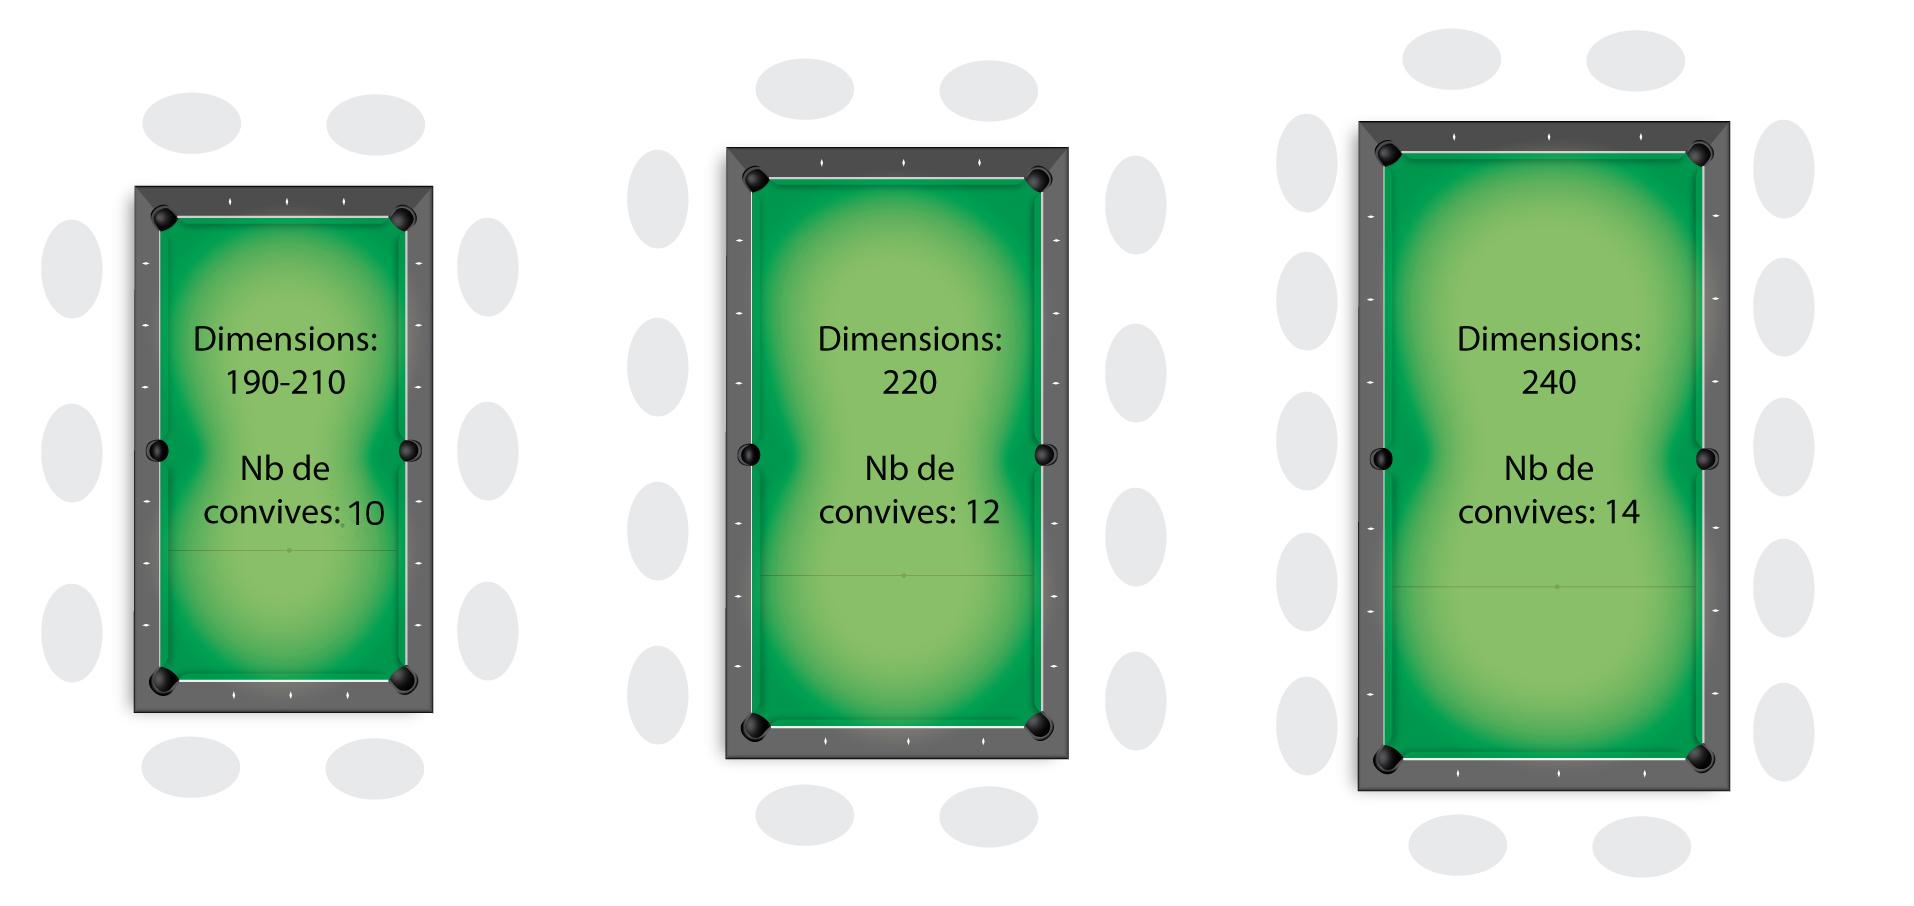 billard dimension